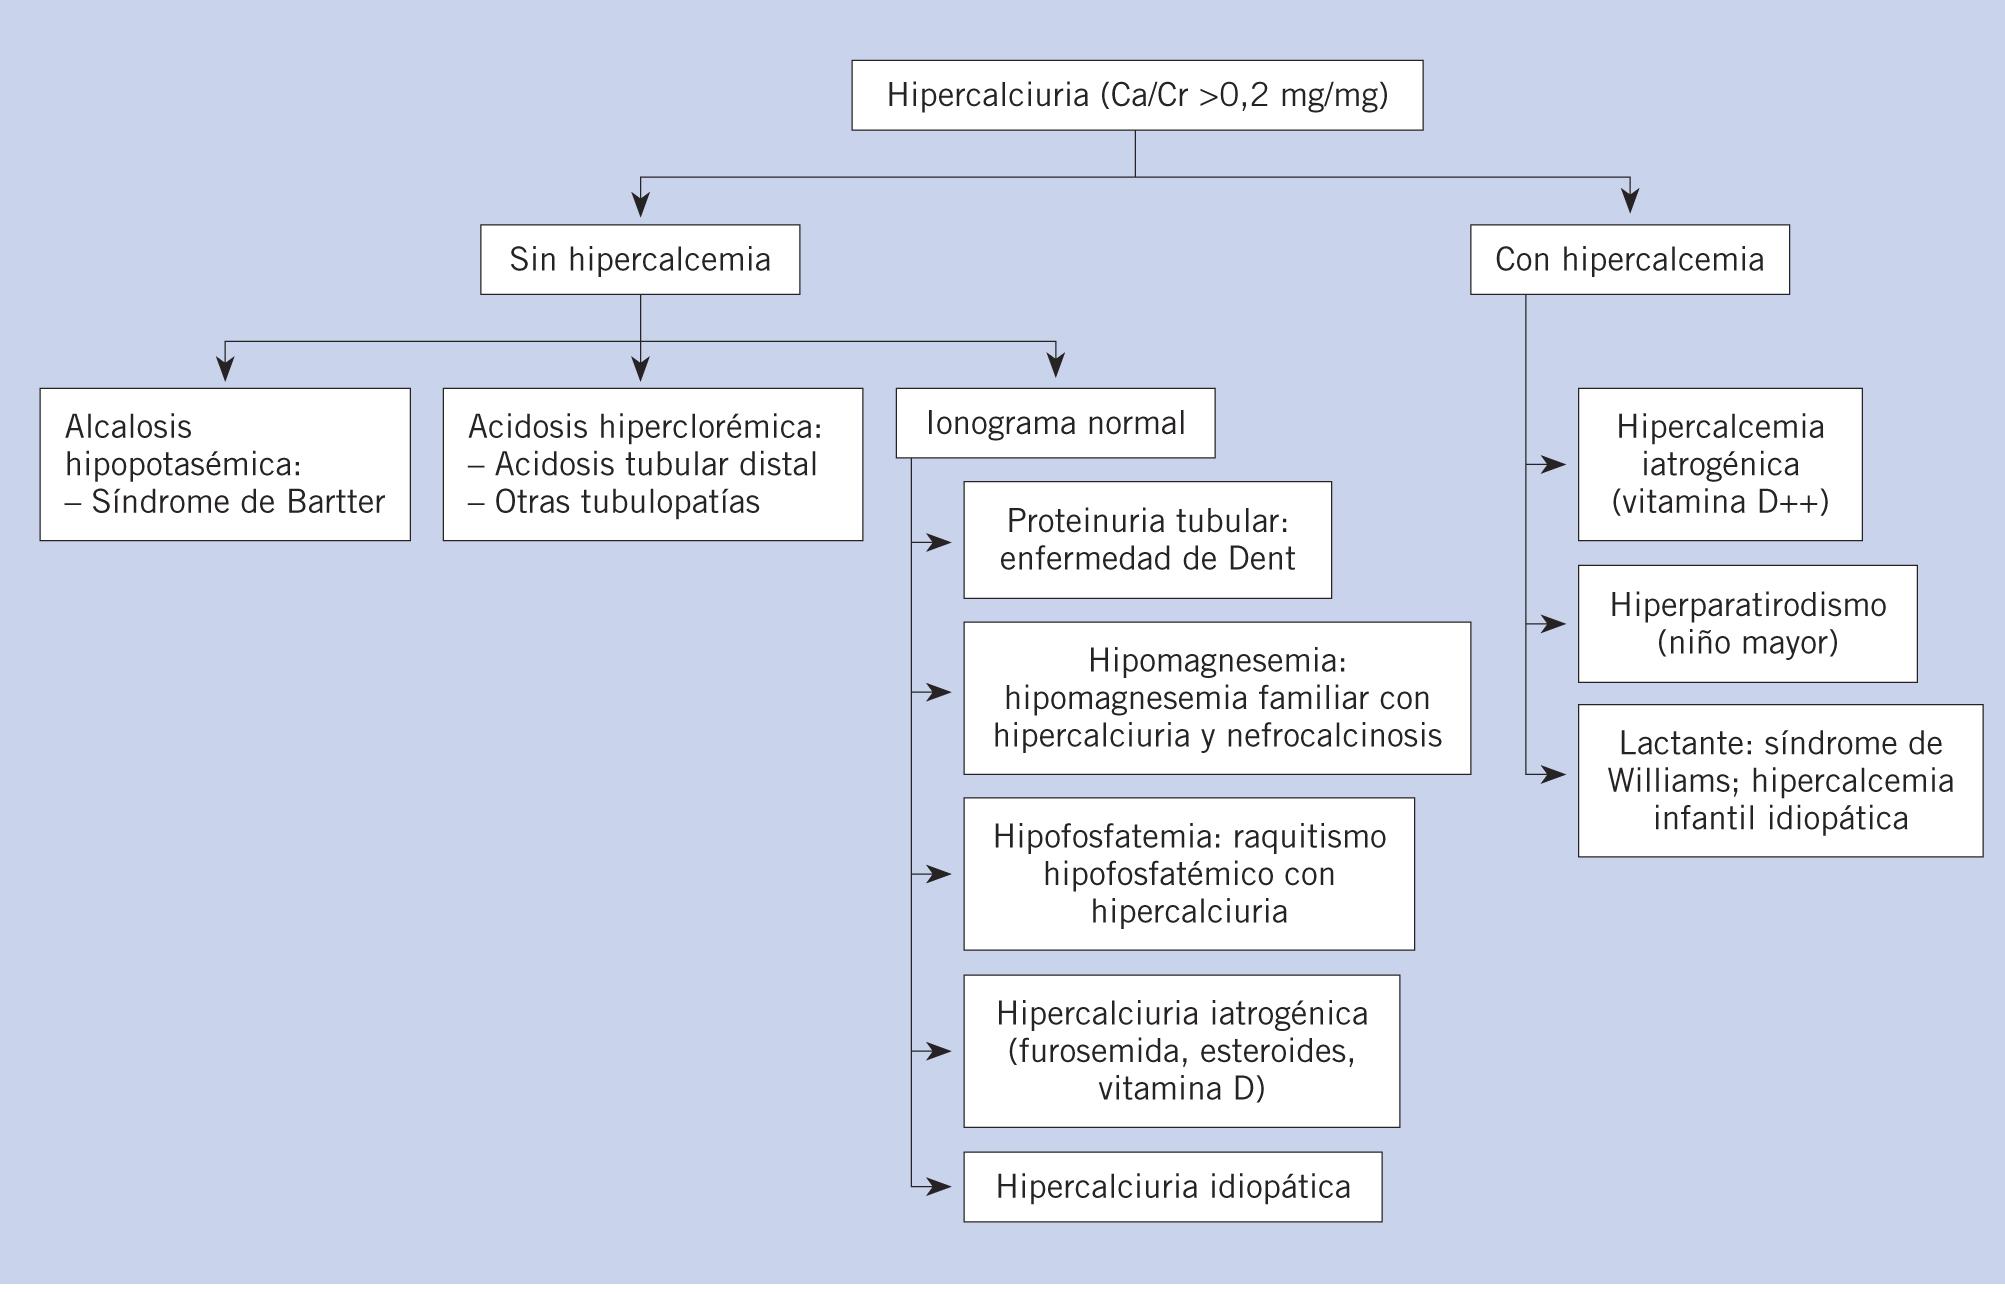 Hipercalciuria